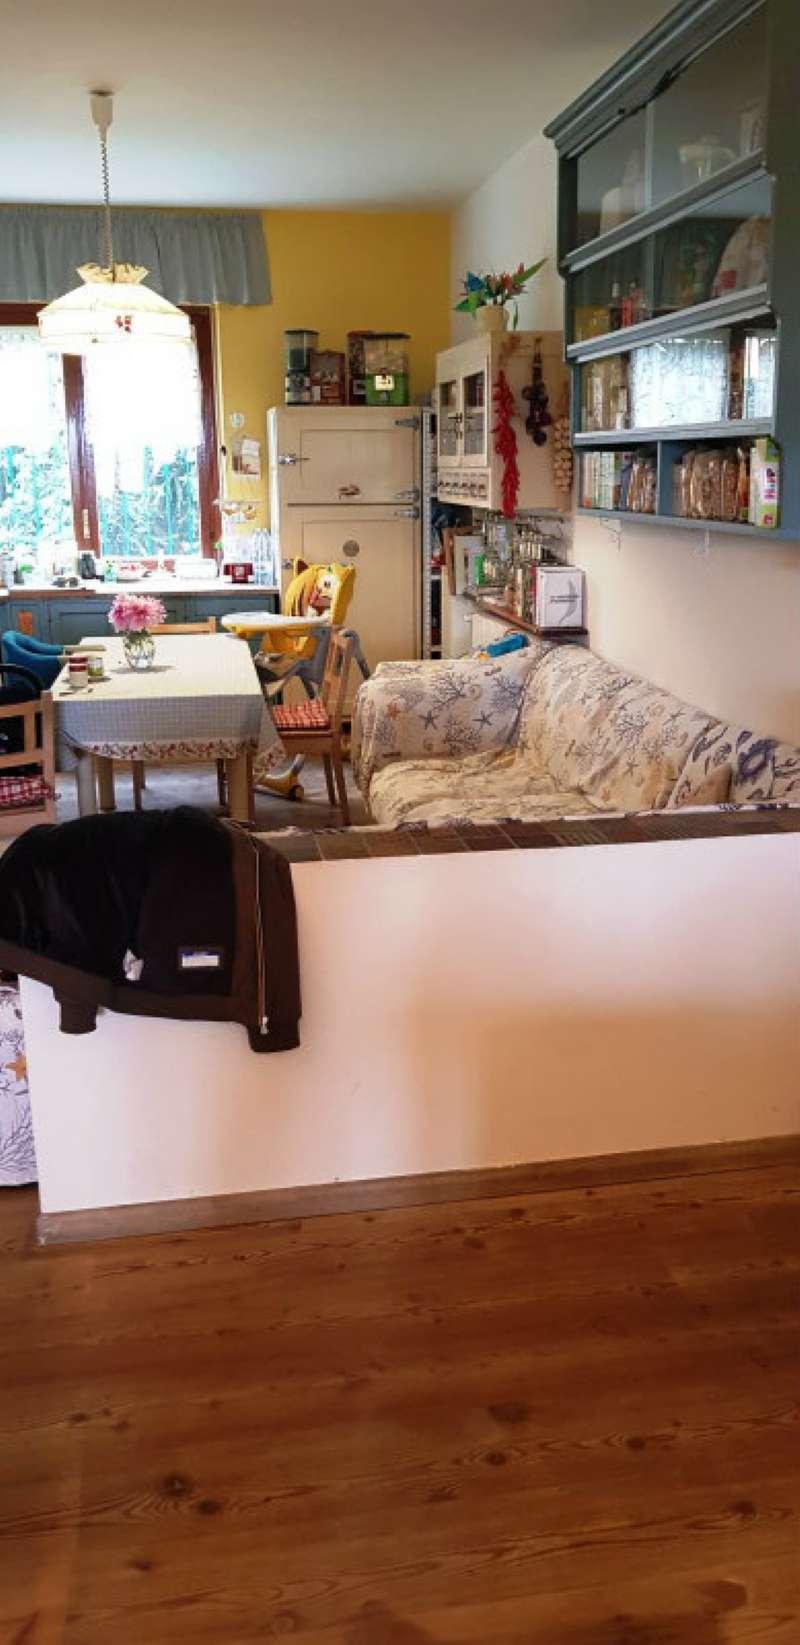 Foto 4 di Appartamento via SERVAIS 200 A 39, Torino (zona Parella, Pozzo Strada)